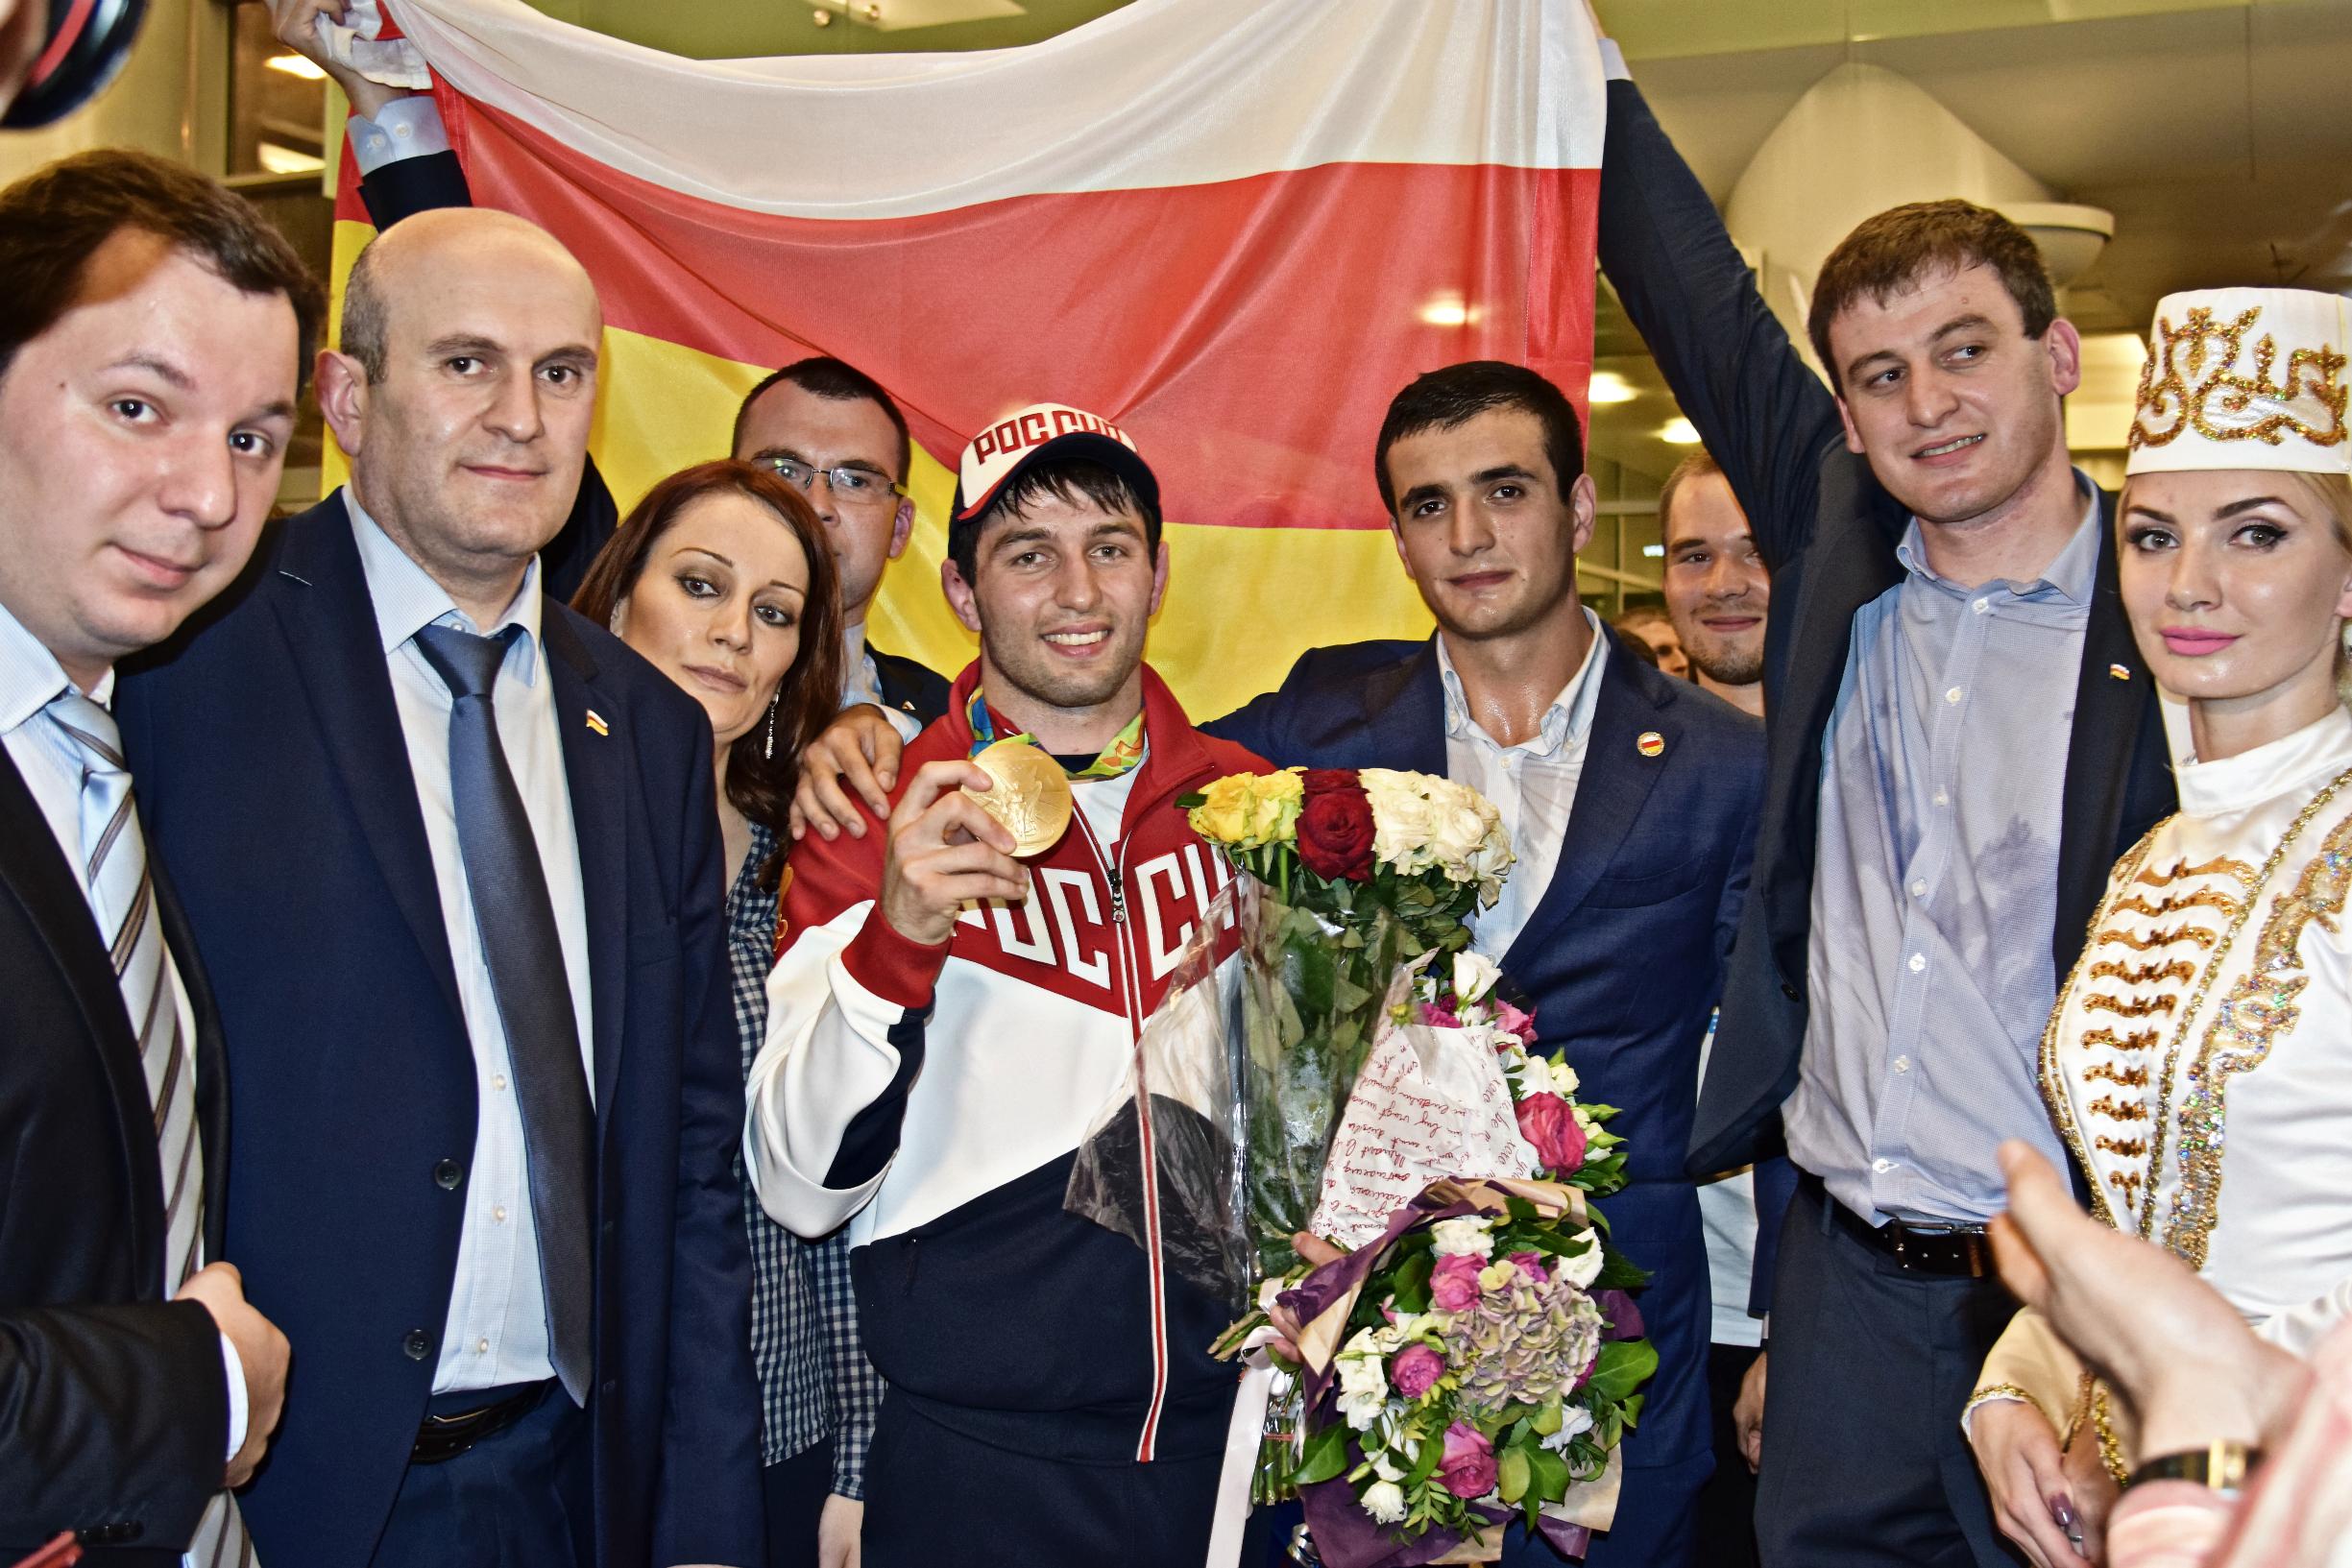 Сотрудники Посольства Республики Южная Осетия встретили своего героя — олимпийского чемпиона Сослана Рамонова